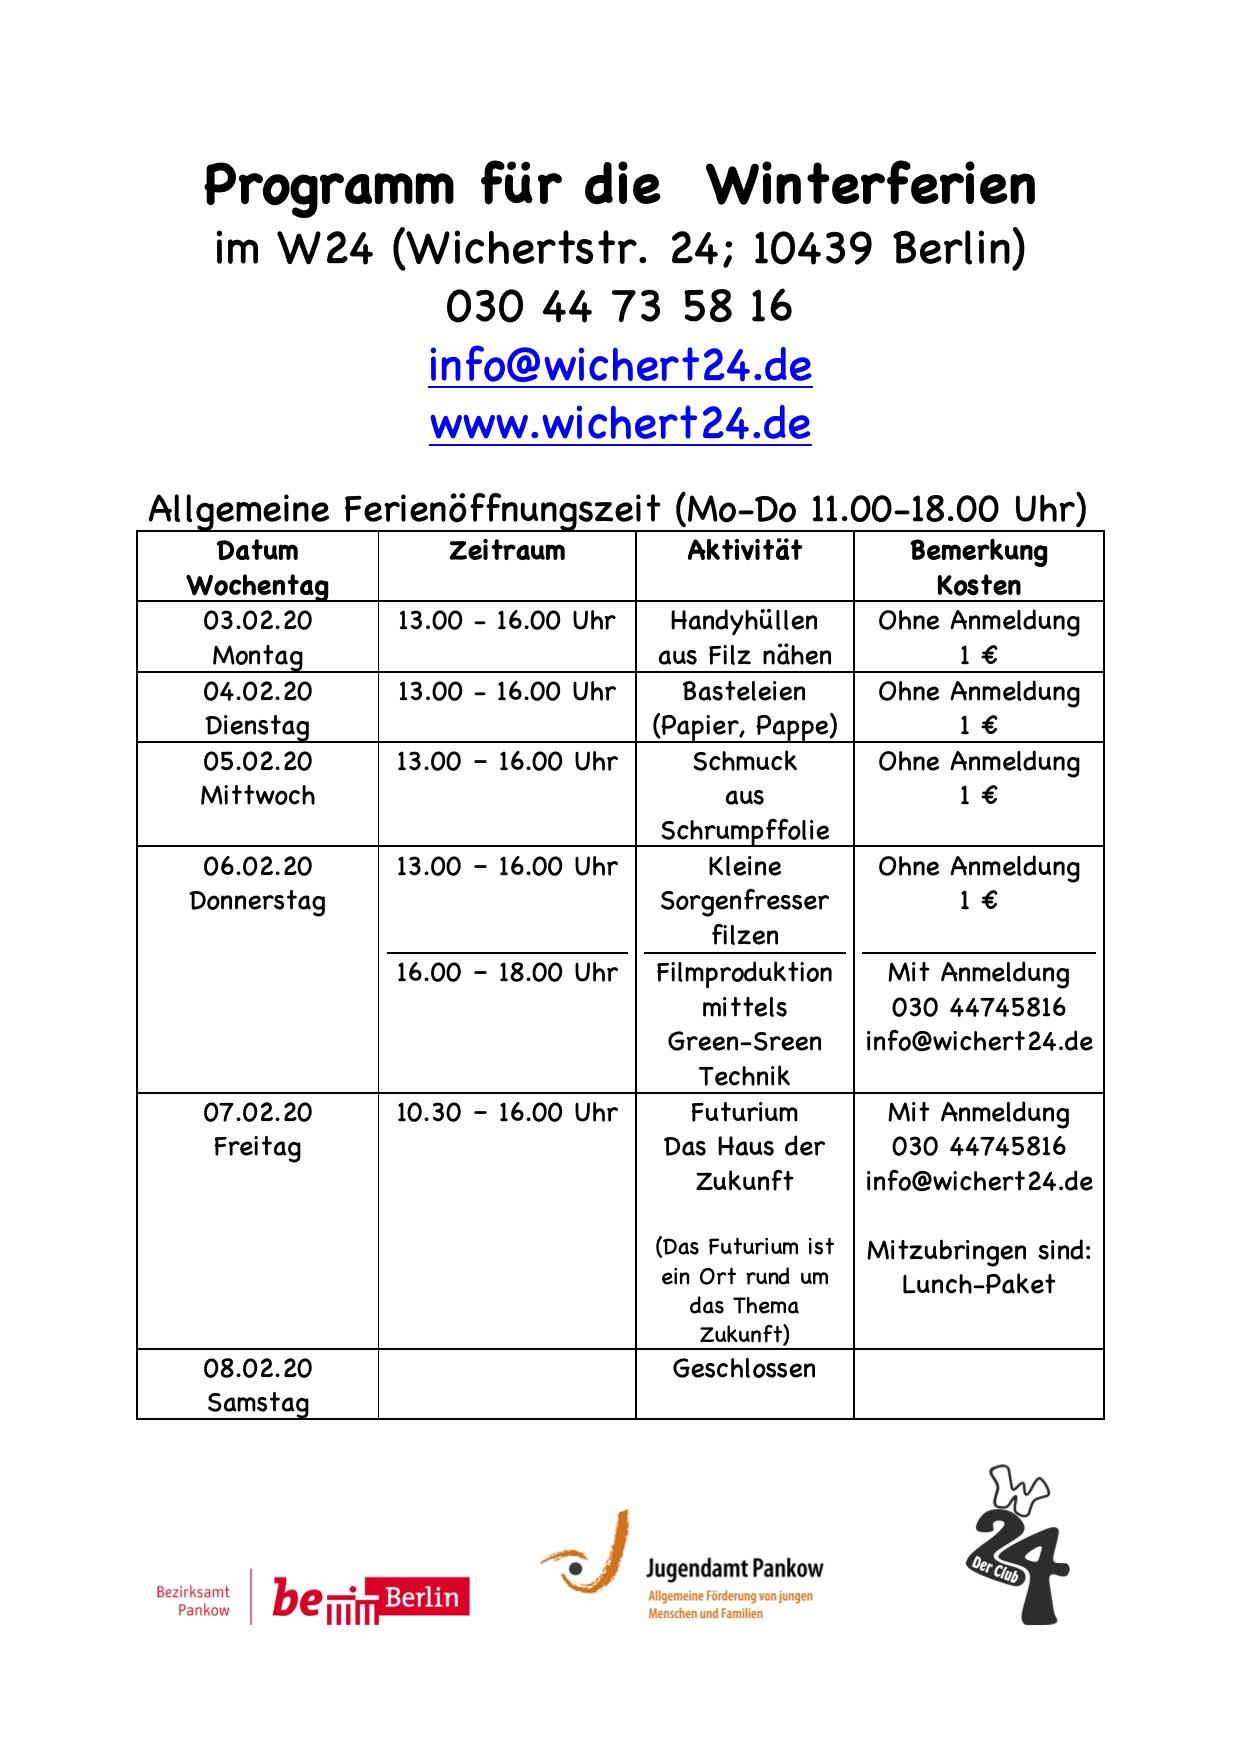 Programm für die Winterferien20